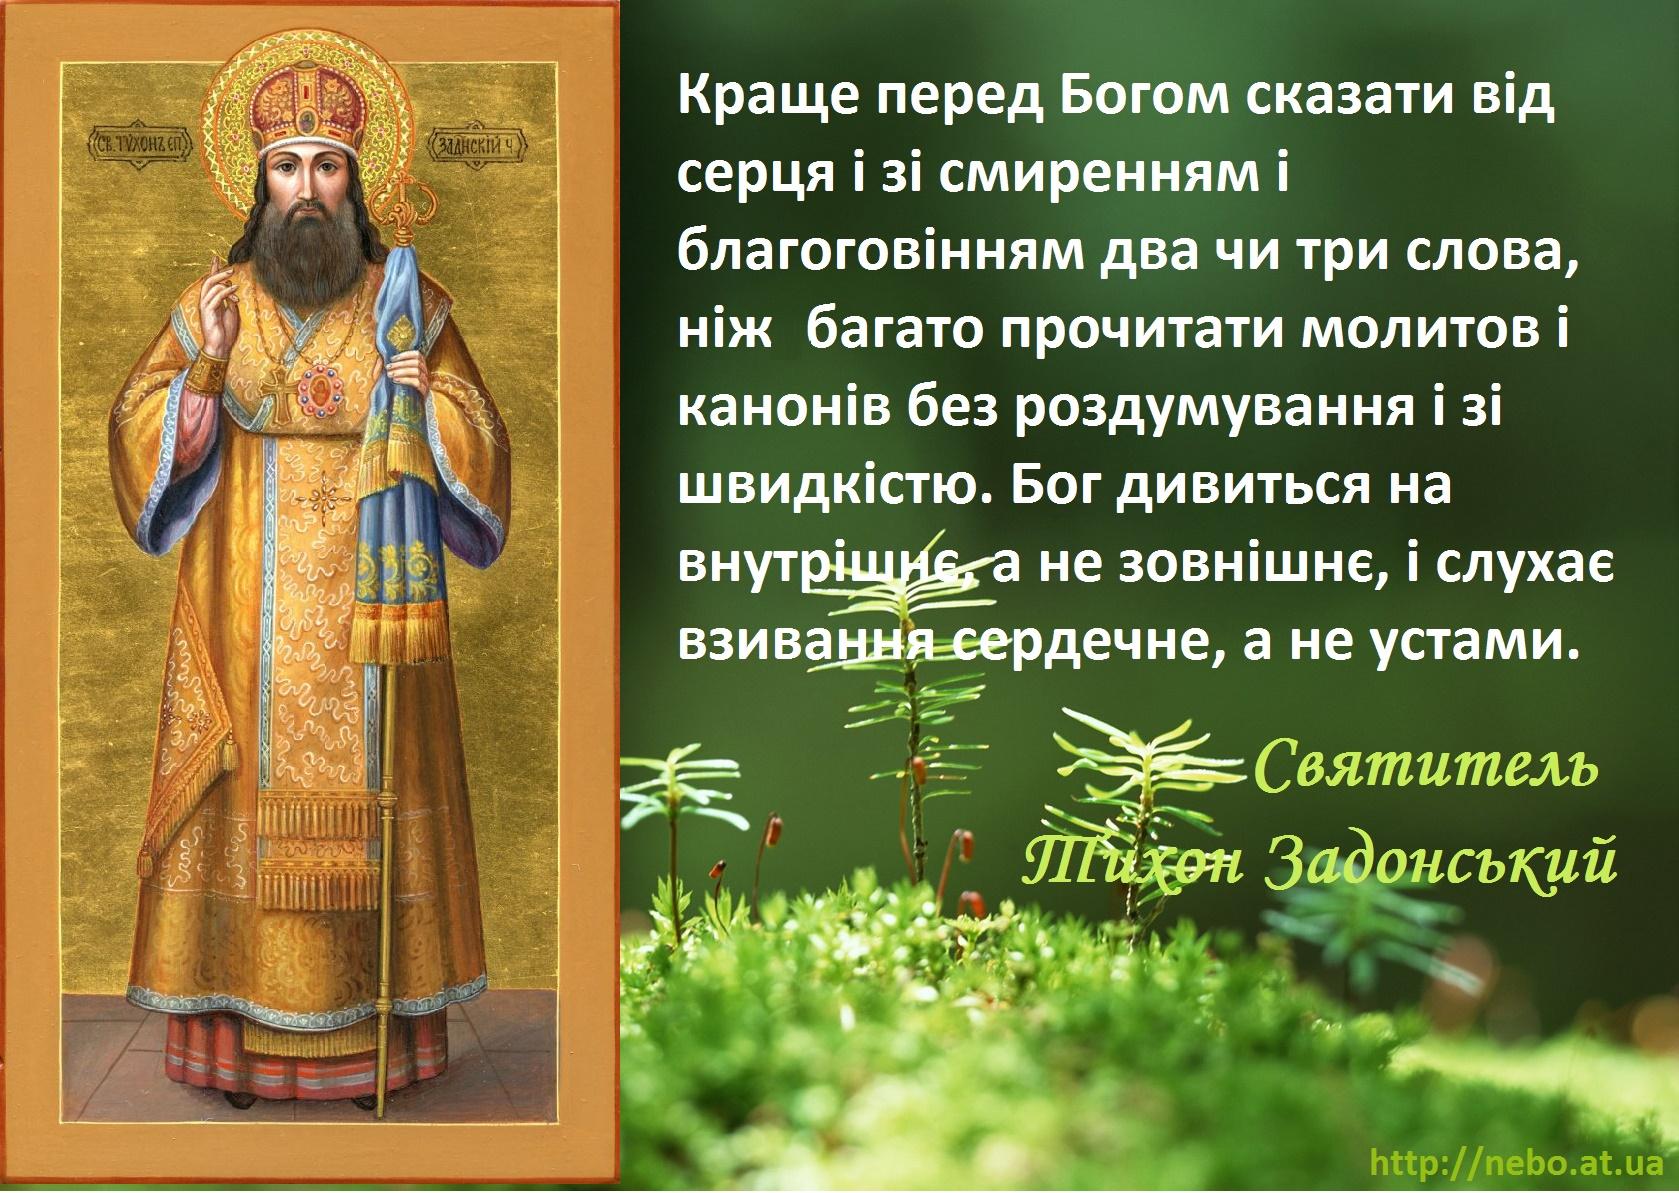 Православні цитати. Вислови святих отців. Святитель Тихон Задонський. Про молитву